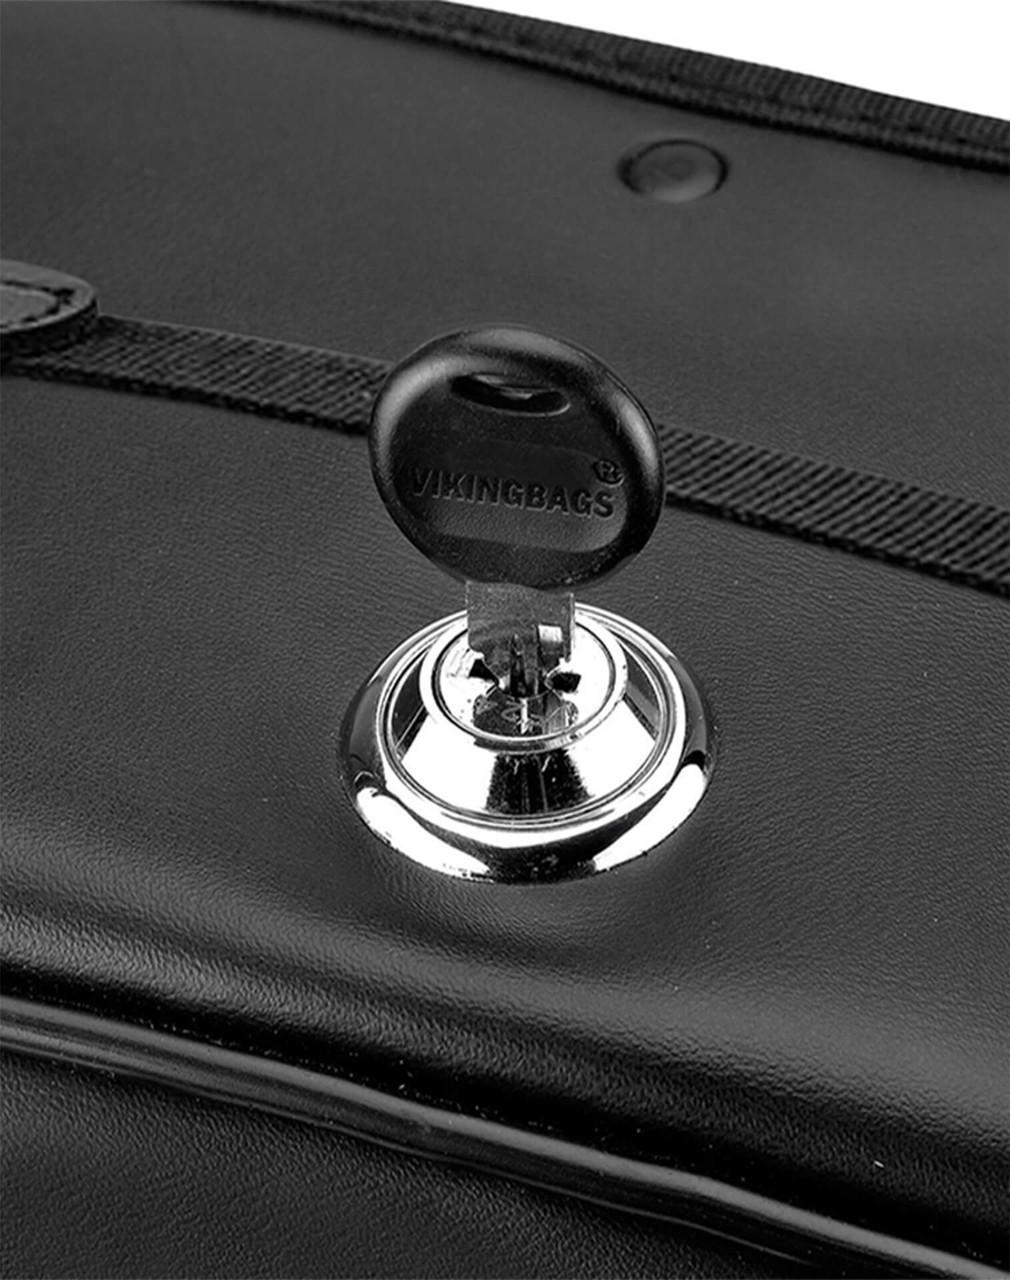 Honda Magna 750 Shock Cutout Motorcycle Saddlebags Key Lockable view